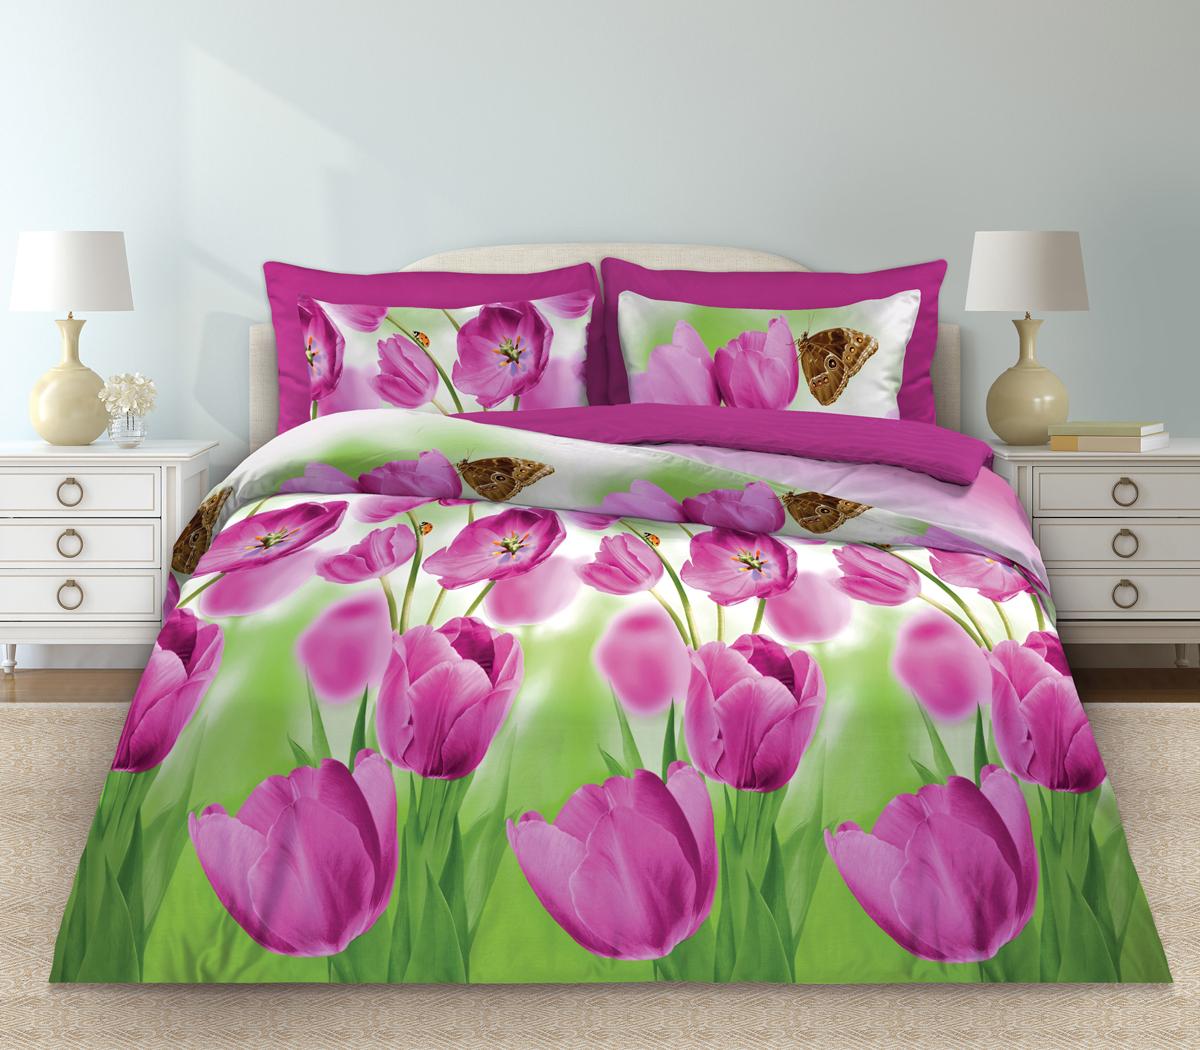 Комплект белья Любимый дом Май, 2-х спальное, наволочки 70 х 70, цвет: розовый. 331128331128Комплект постельного белья коллекции «Любимый дом» - выполнен из высококачественной ткани из 100% хлопка. Такое белье абсолютно натуральное, гипоаллергенное, соответствует строжайшим экологическим нормам безопасности, комфортное, дышащее, не нарушает естественные процессы терморегуляции, прочное, не линяет, не деформируется и не теряет своих красок даже после многочисленных стирок, а также отличается хорошей износостойкостью.